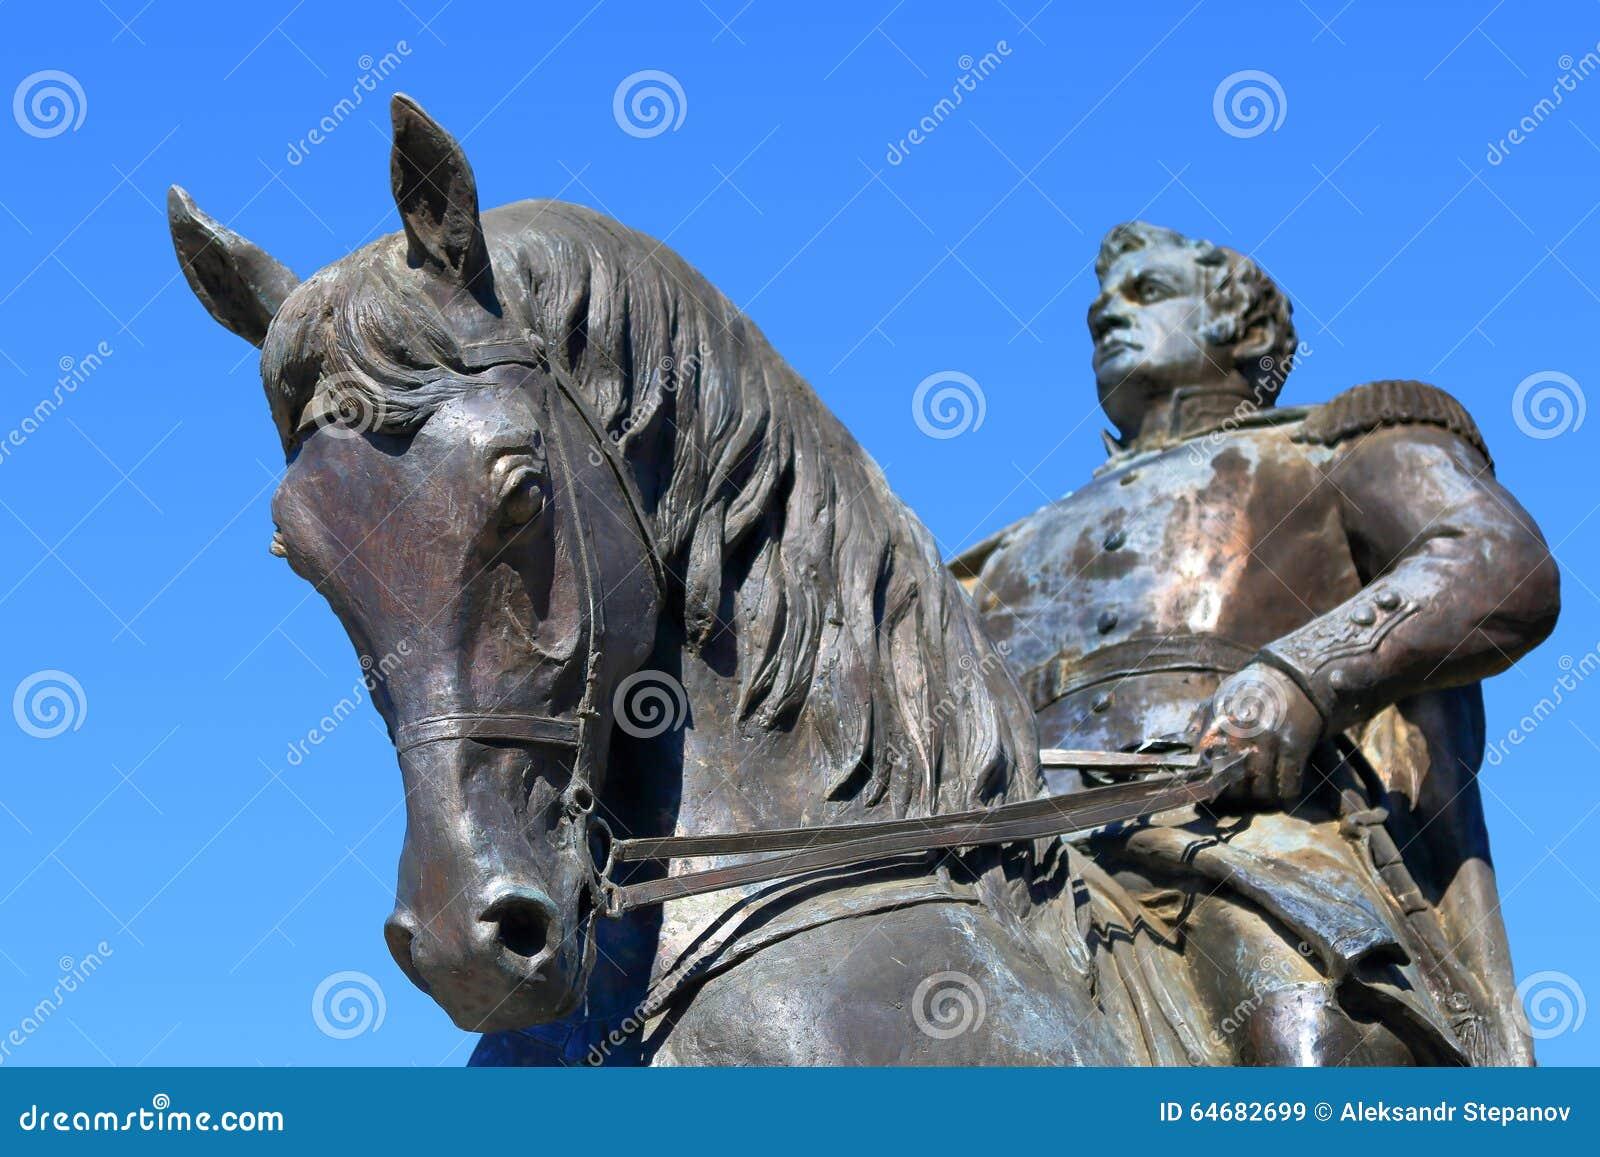 Monumento equestre a generale Yermolov in Pjatigorsk, Russia